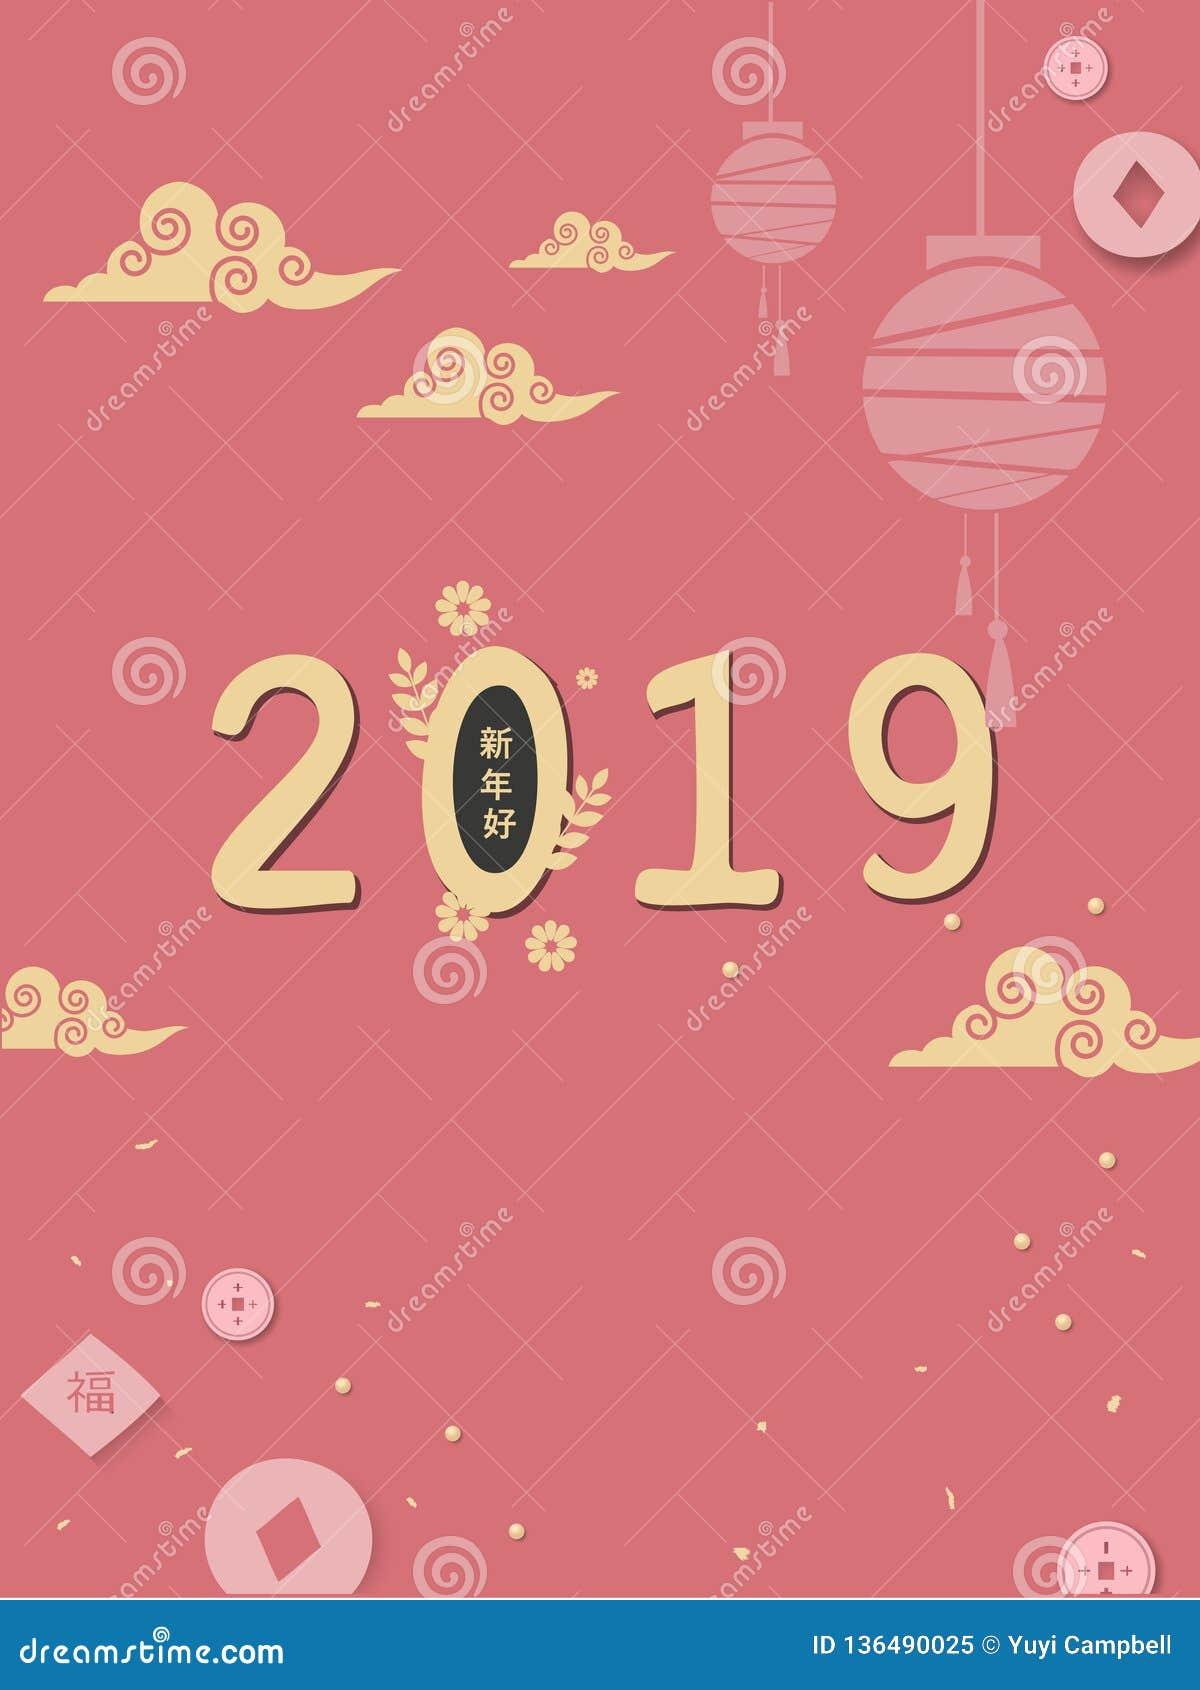 Conception chinoise de vecteur de la nouvelle année 2019 Les caractères chinois signifient la bonne année, riche, et la salutatio